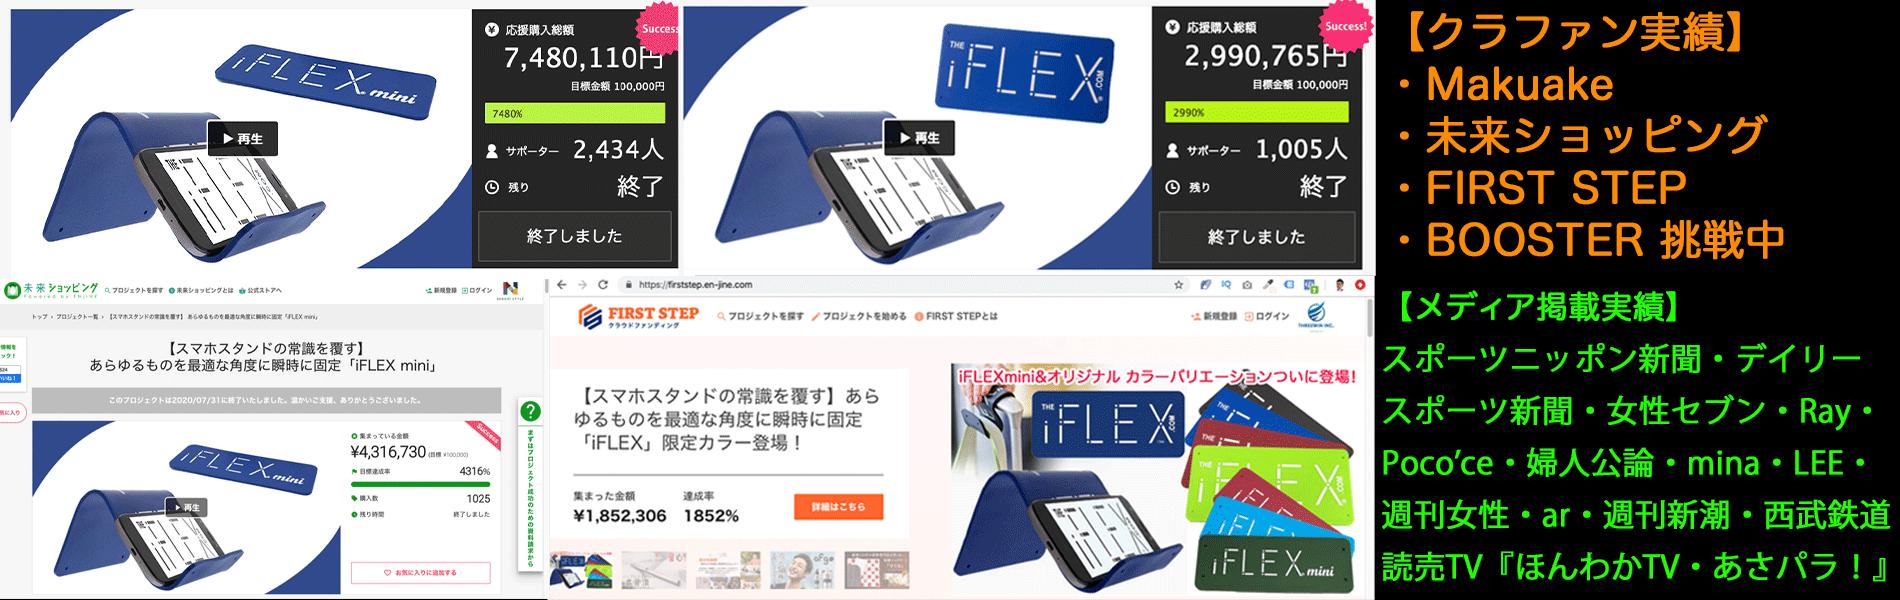 iFLEX|Makuakeクラウドファンディング